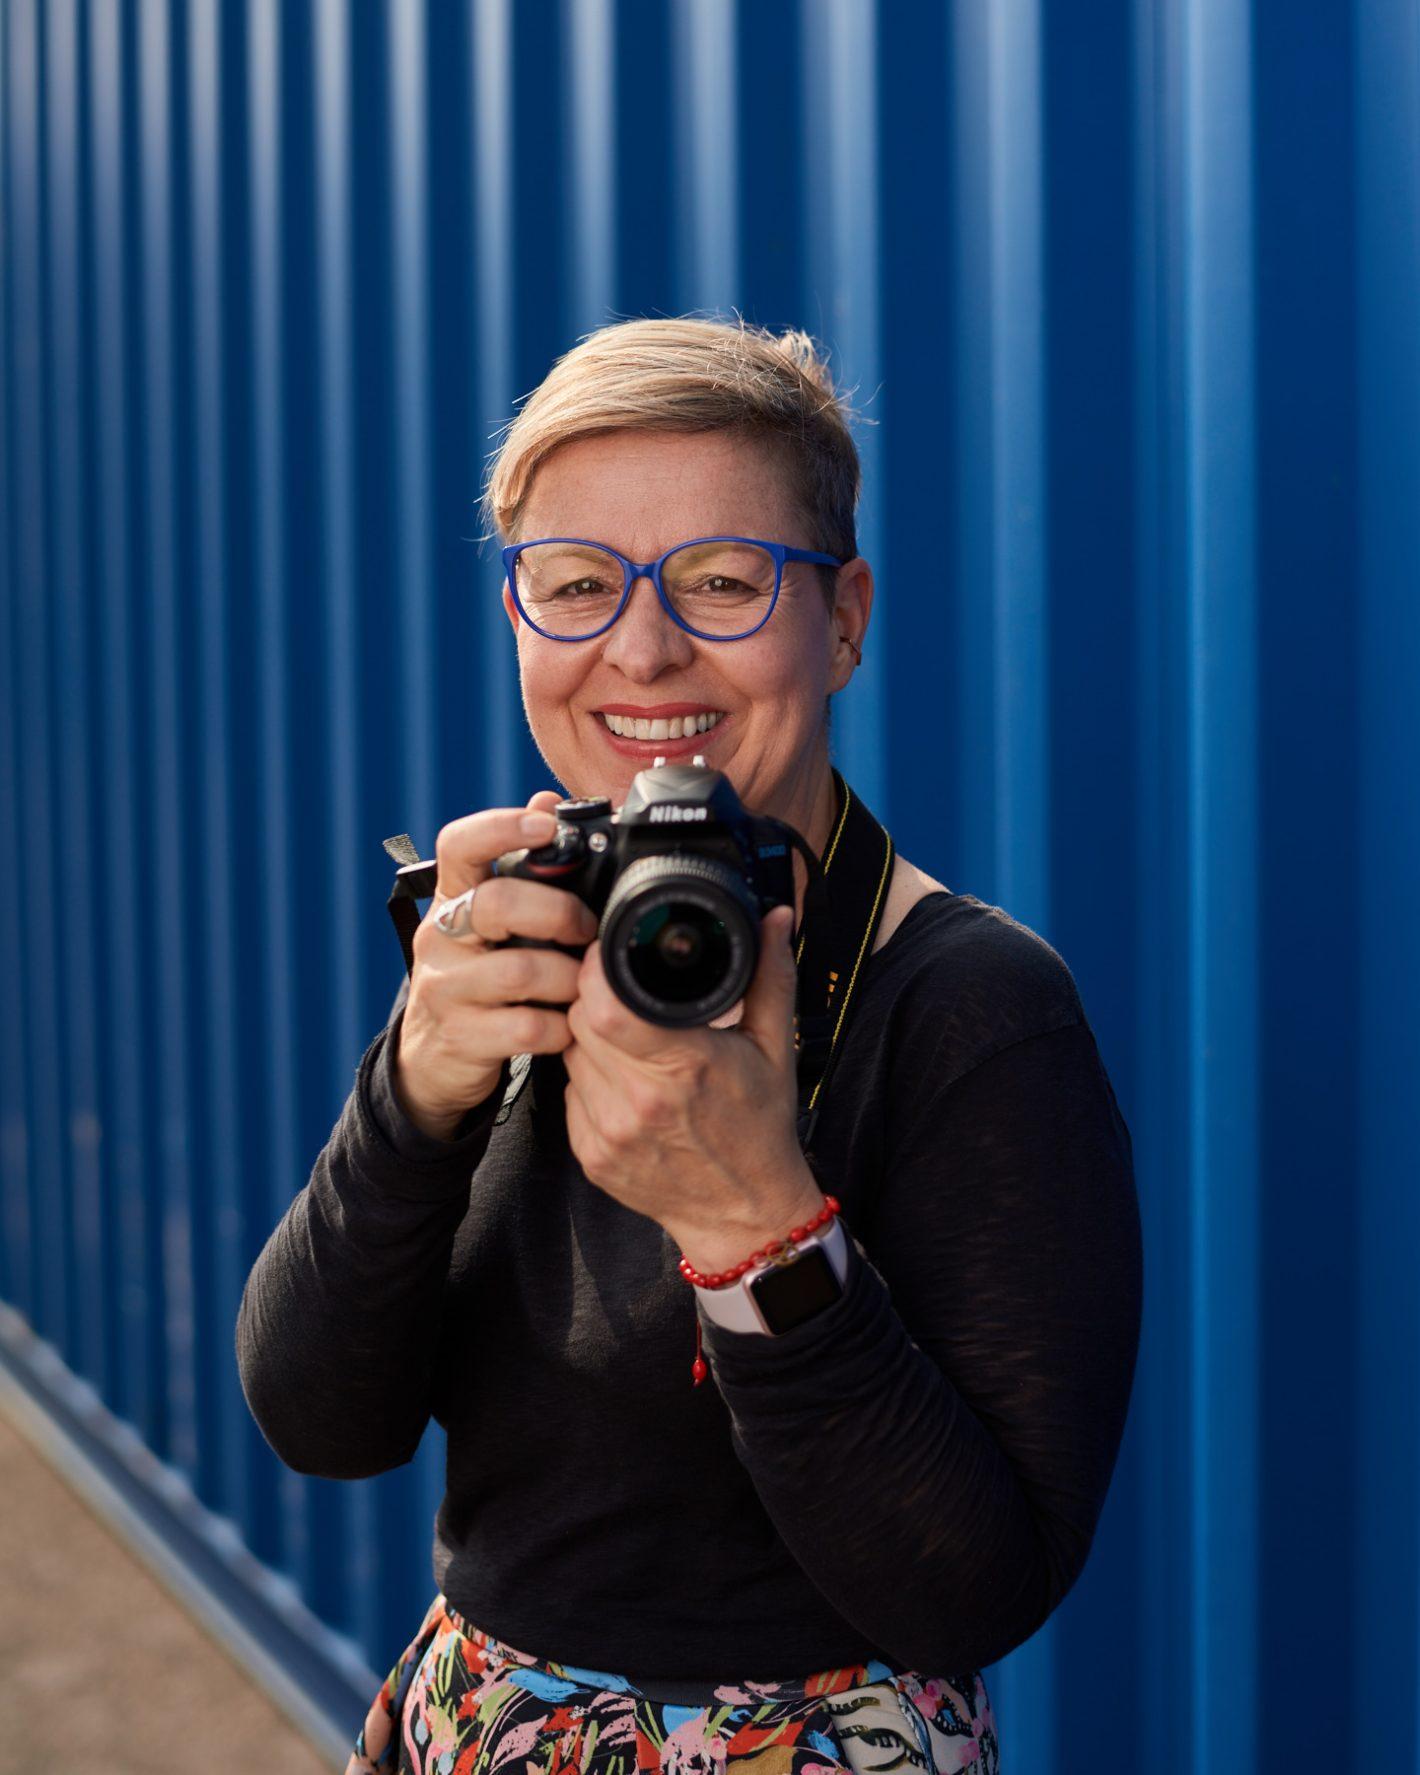 Heike Müller (a.k.a @tastyasheck) Photo ©Juliander Enssler